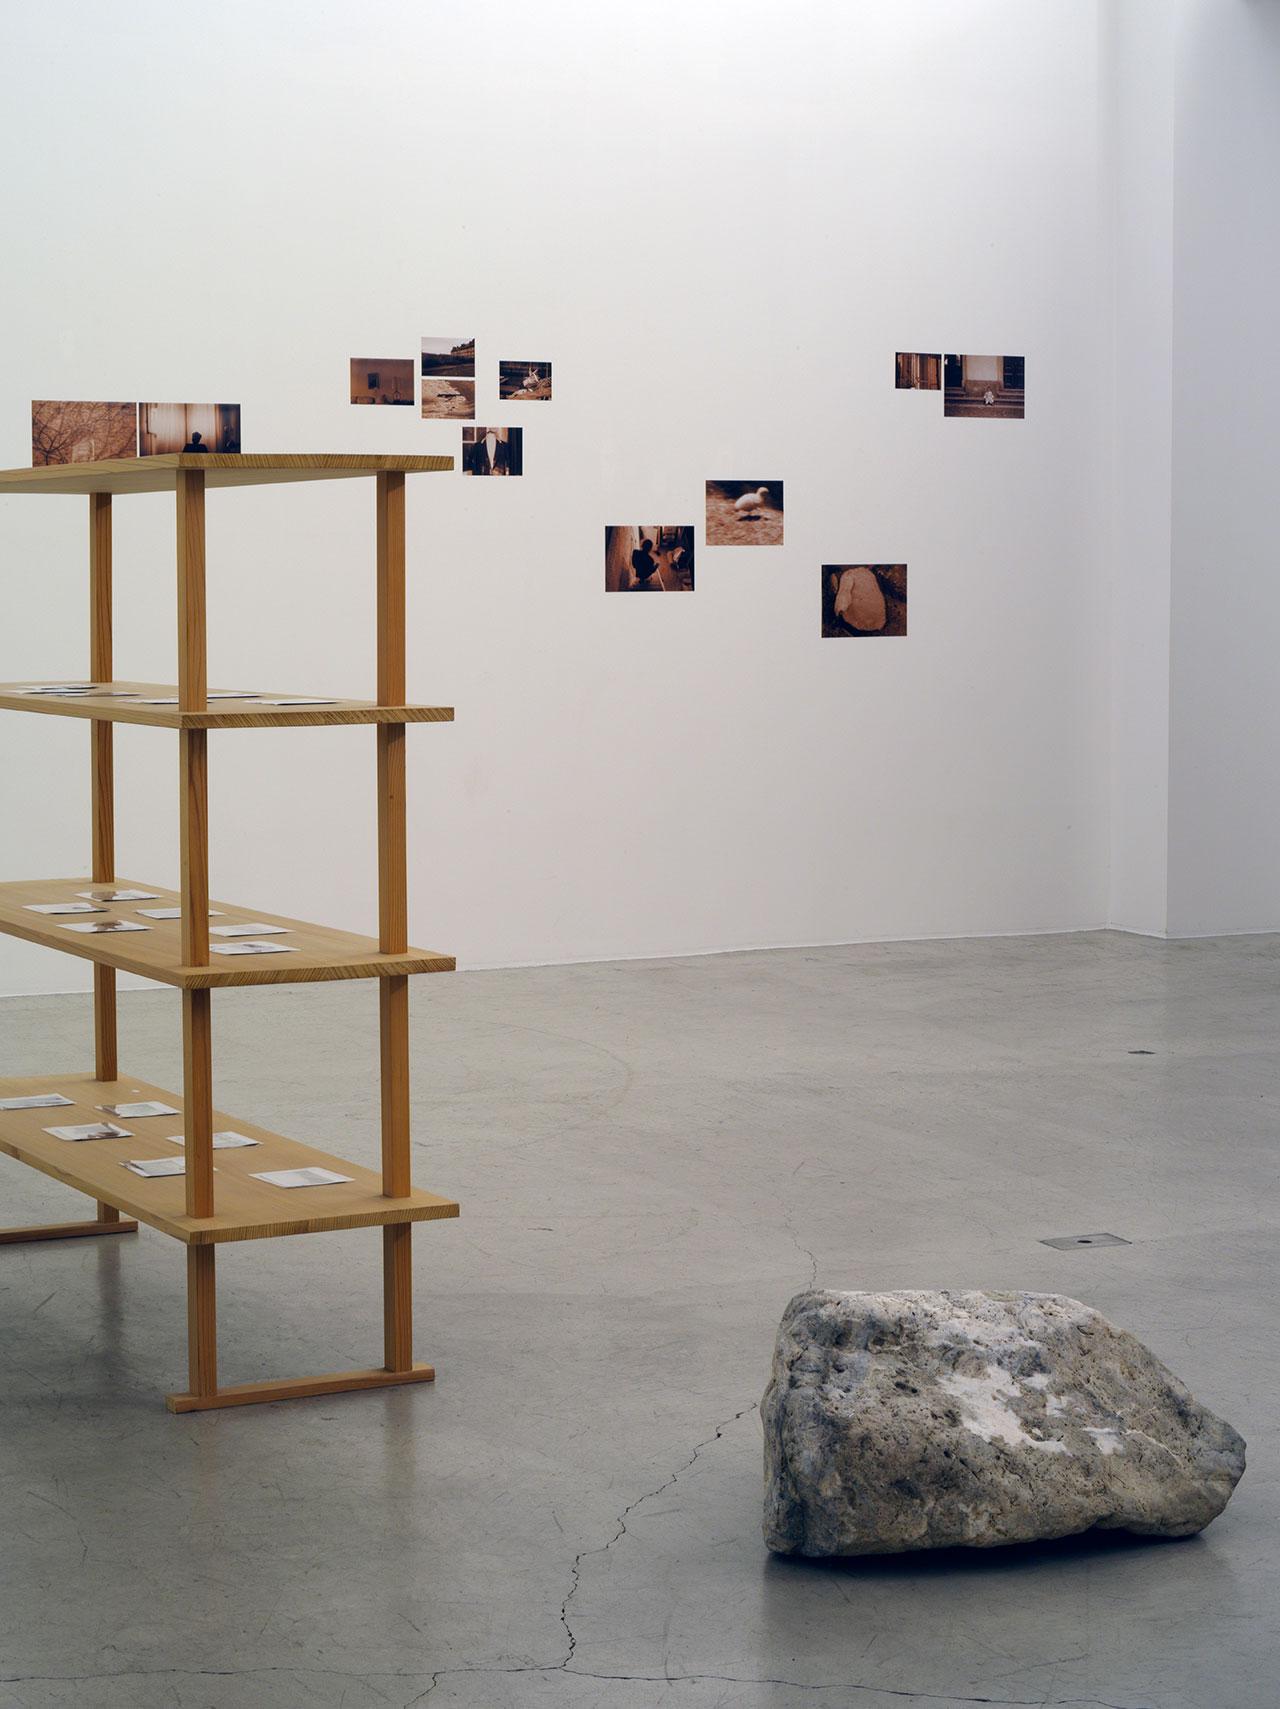 エレン・フライス「Disappearing」展   Photo by Chikashi Suzuki